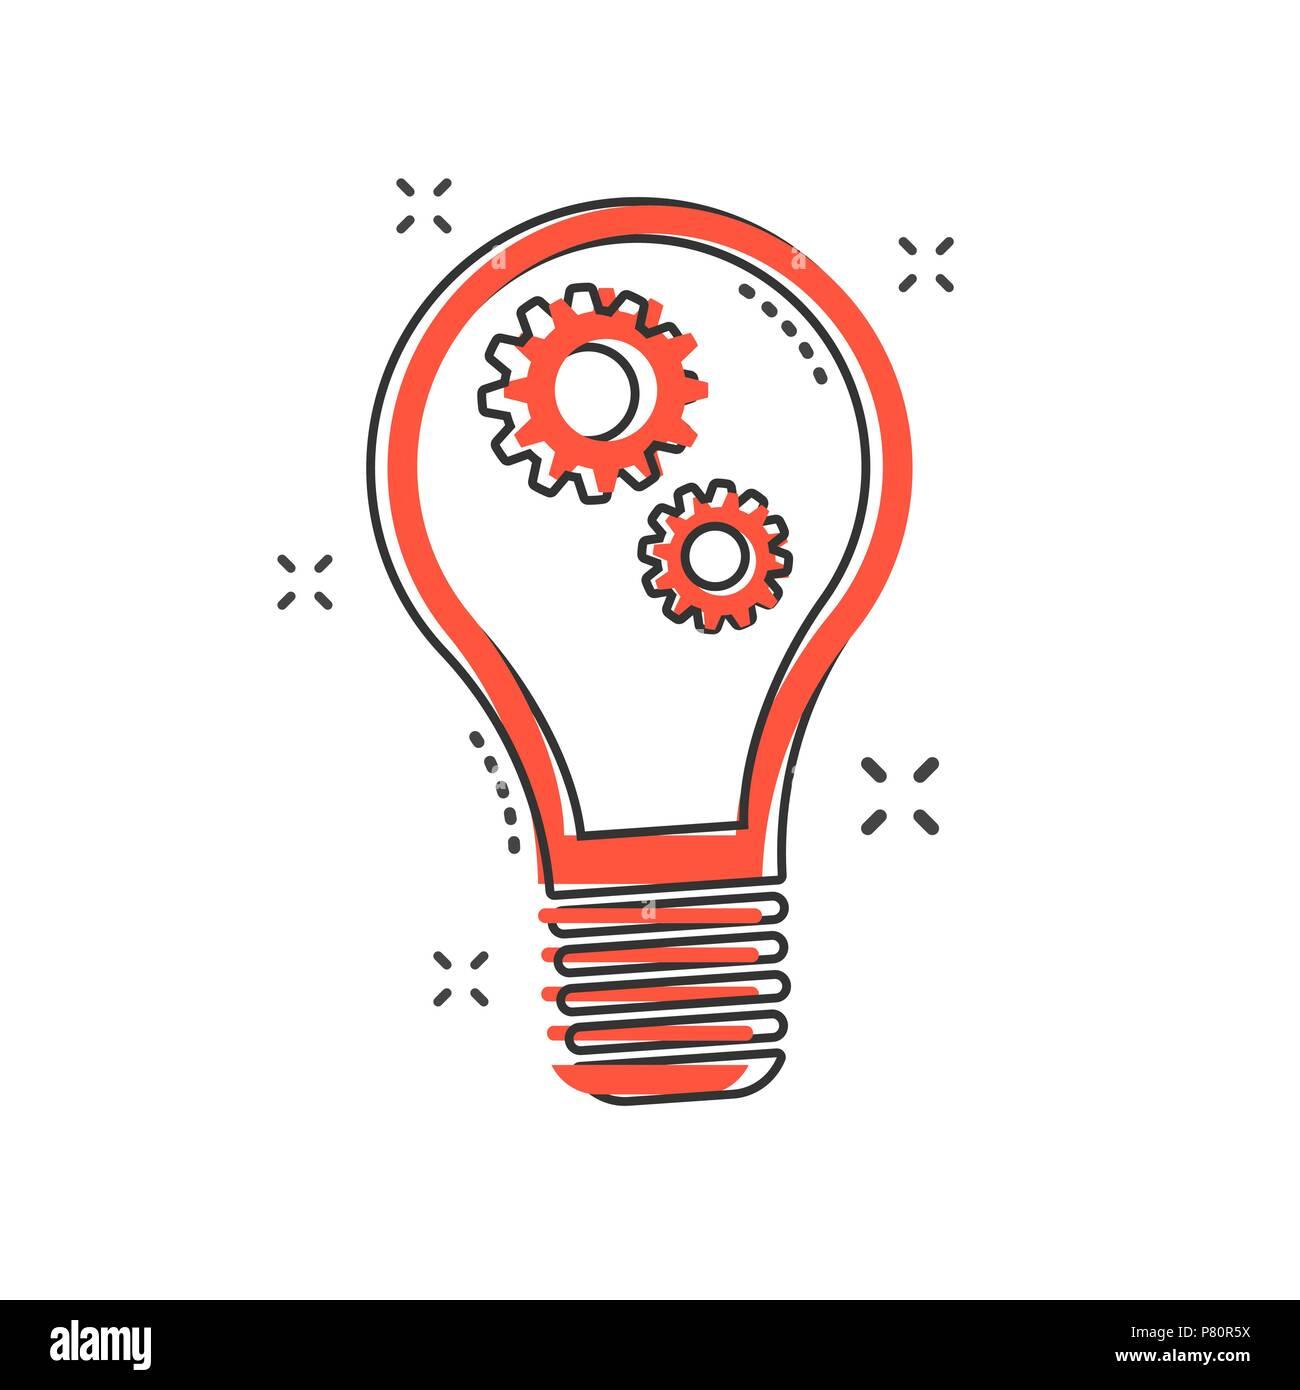 https www alamyimages fr cartoon ampoule avec icone d engrenage dans le style comique idee lampe illustration pictogramme splash lampe concept d entreprise image211459862 html